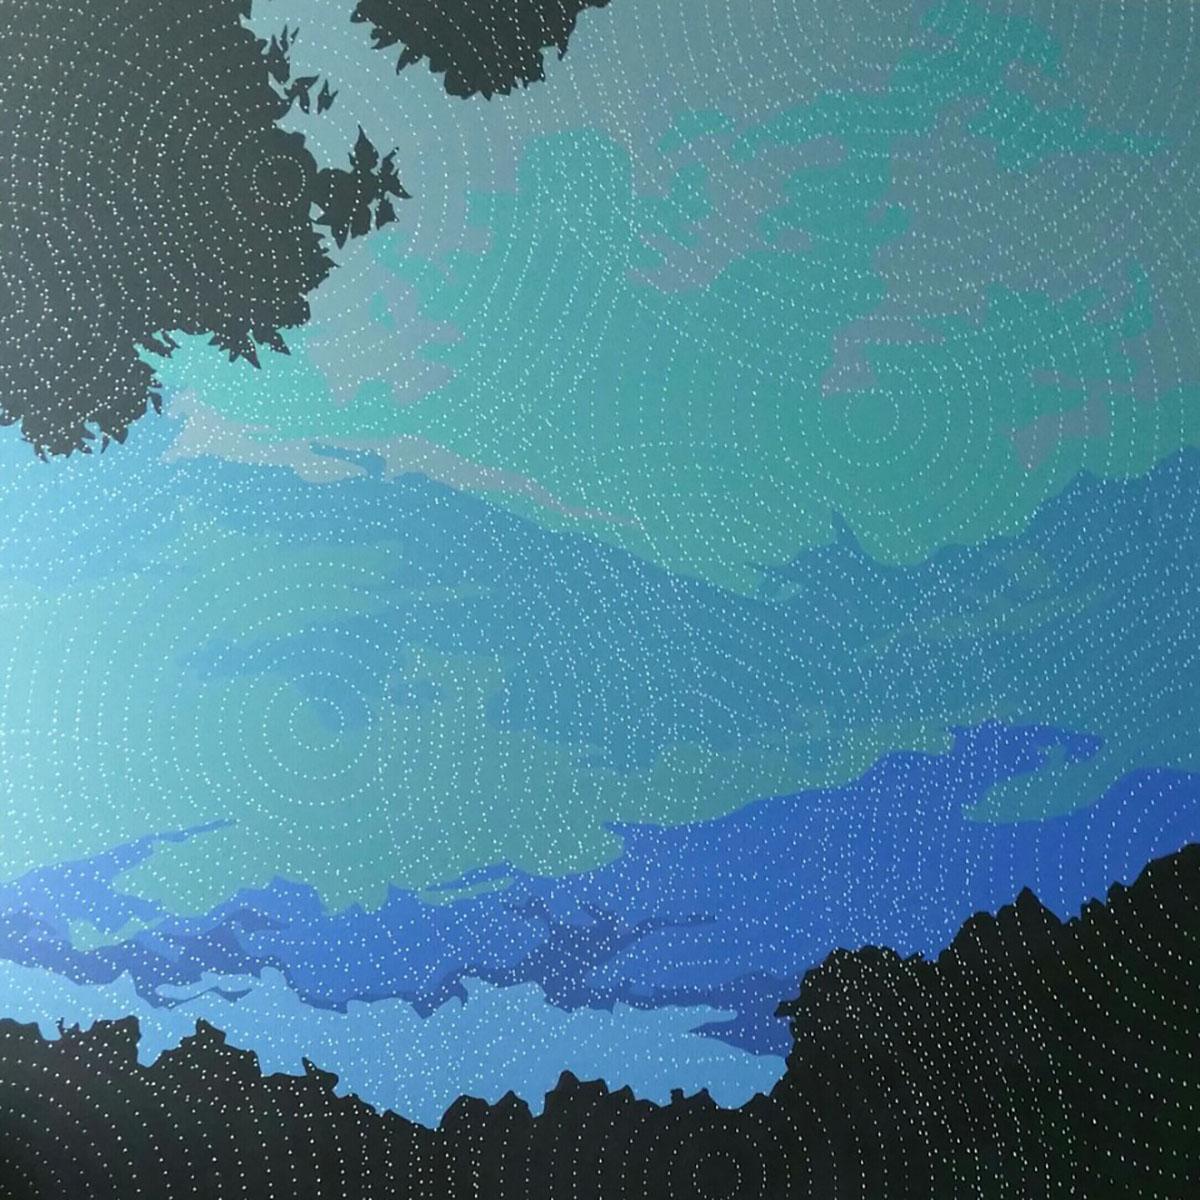 심상이미지︱130.3x130.3cm, Mixed media on canvas